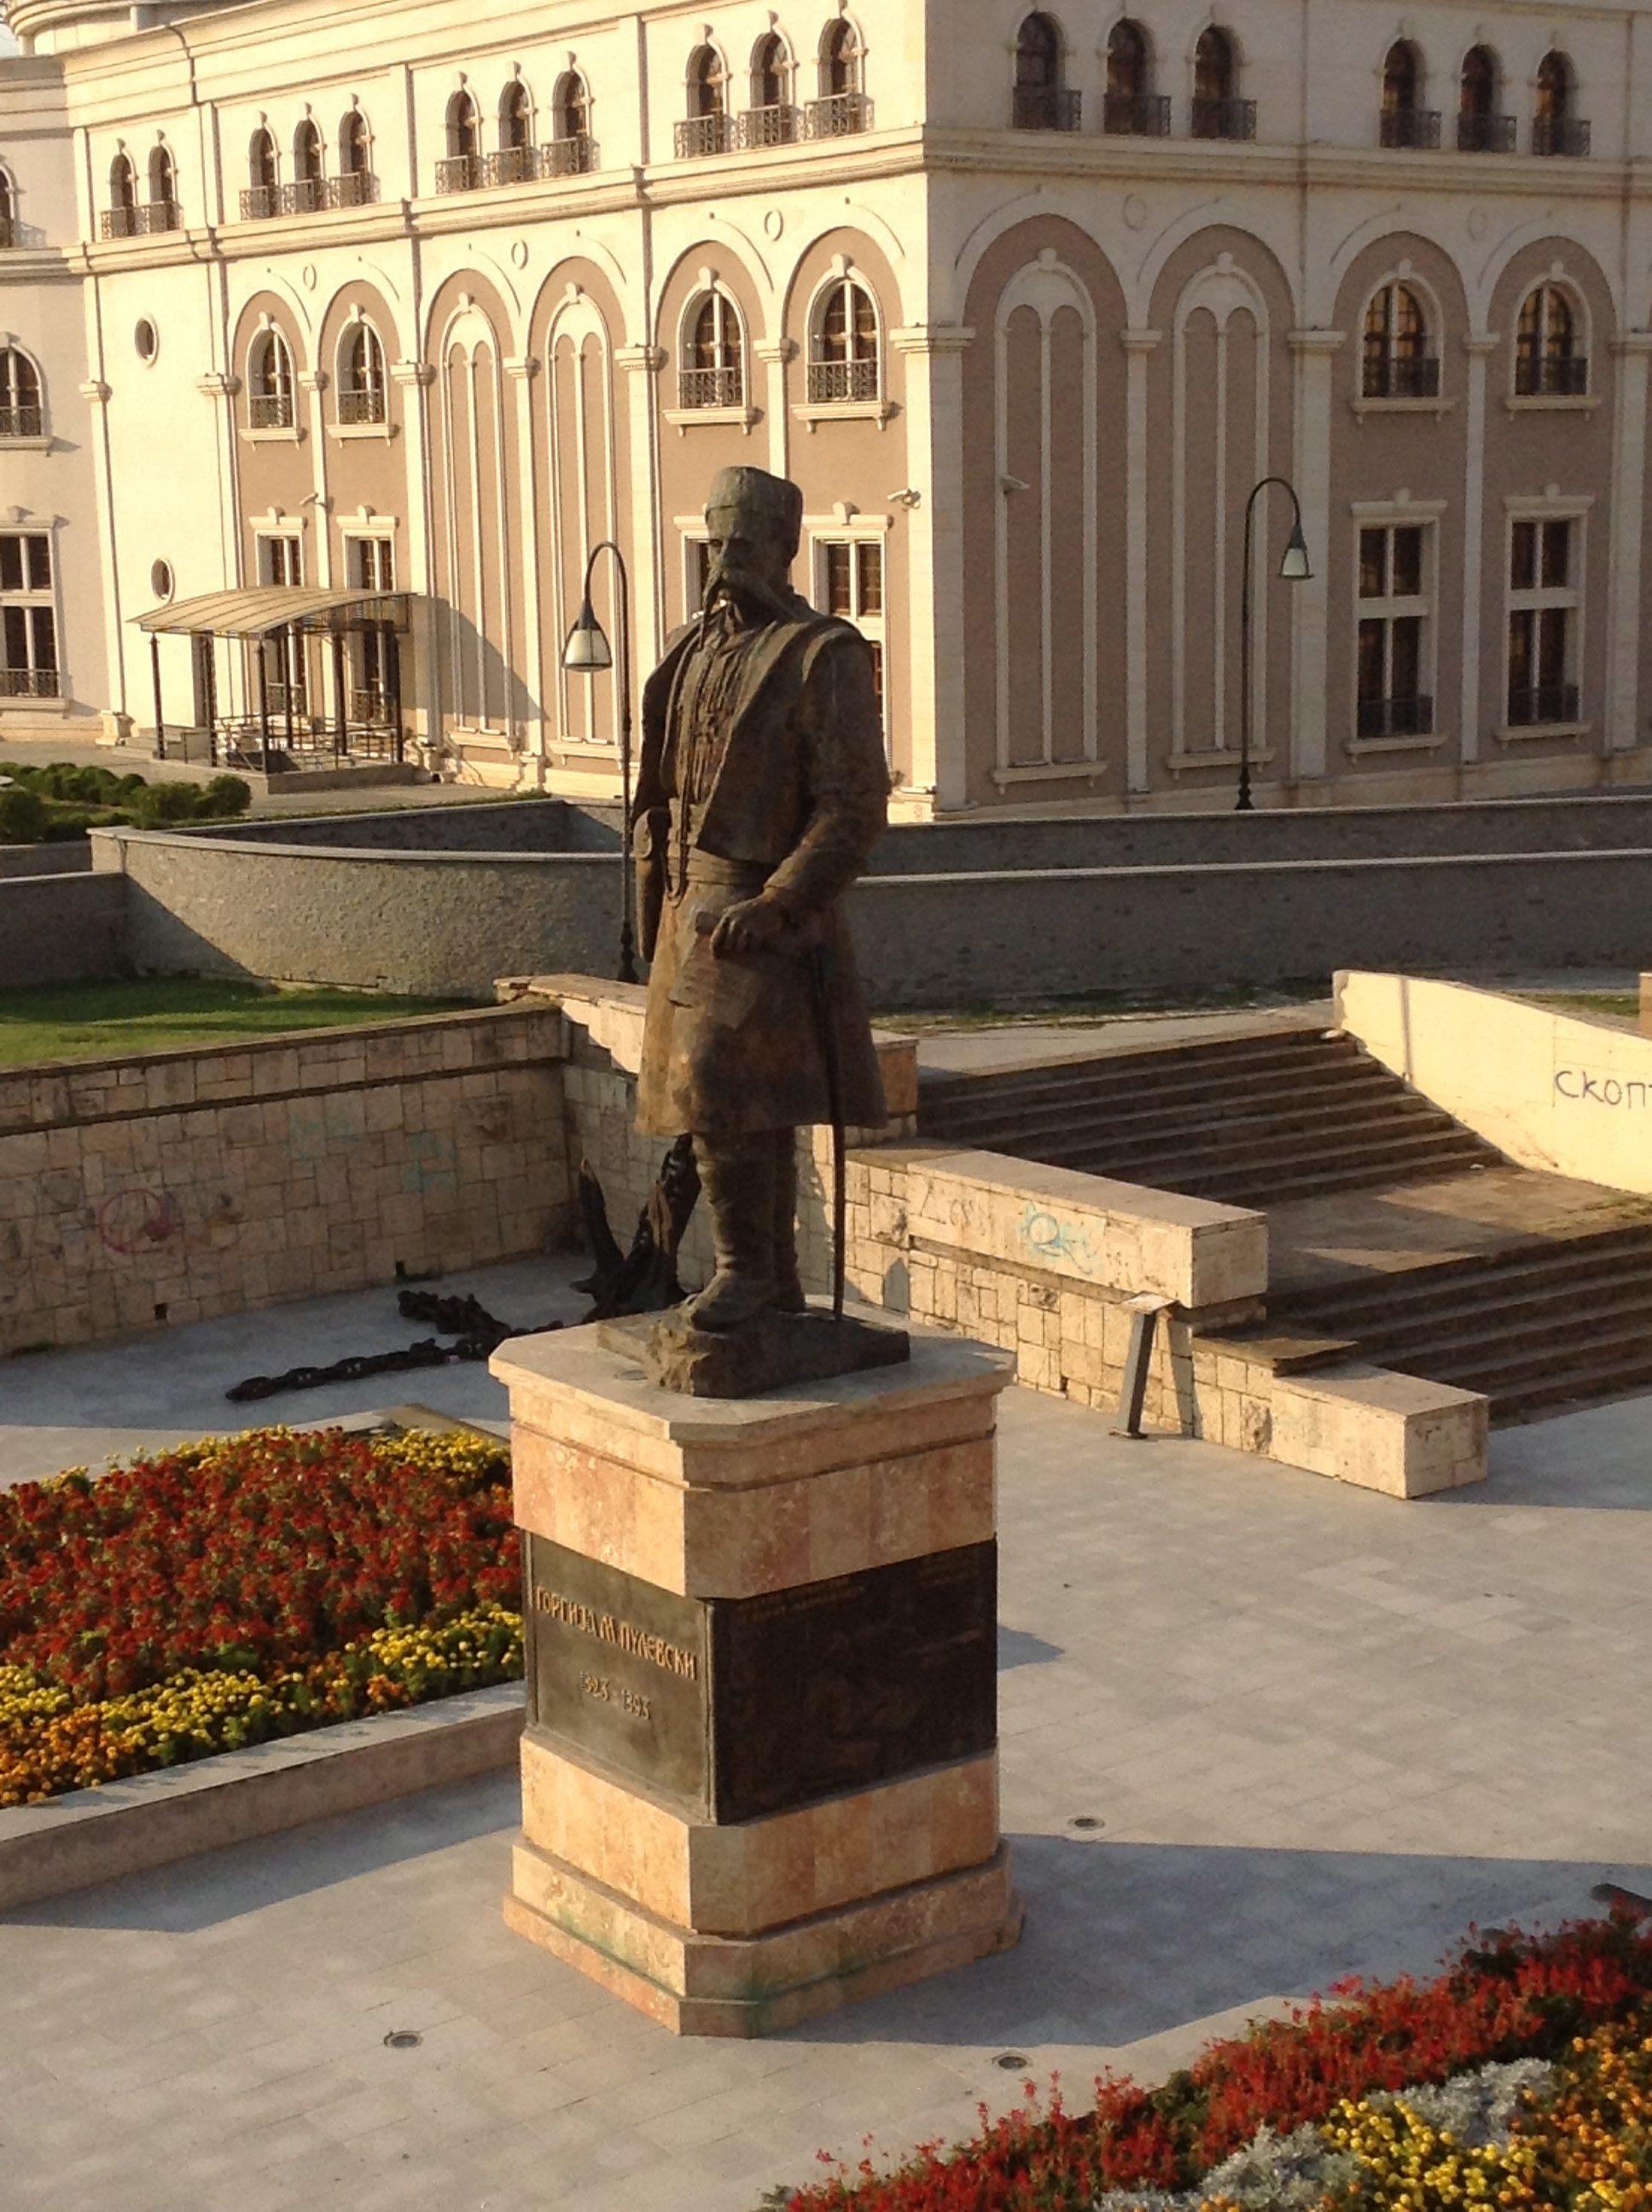 üsküpte makedonya meydanı ve bir komitacı